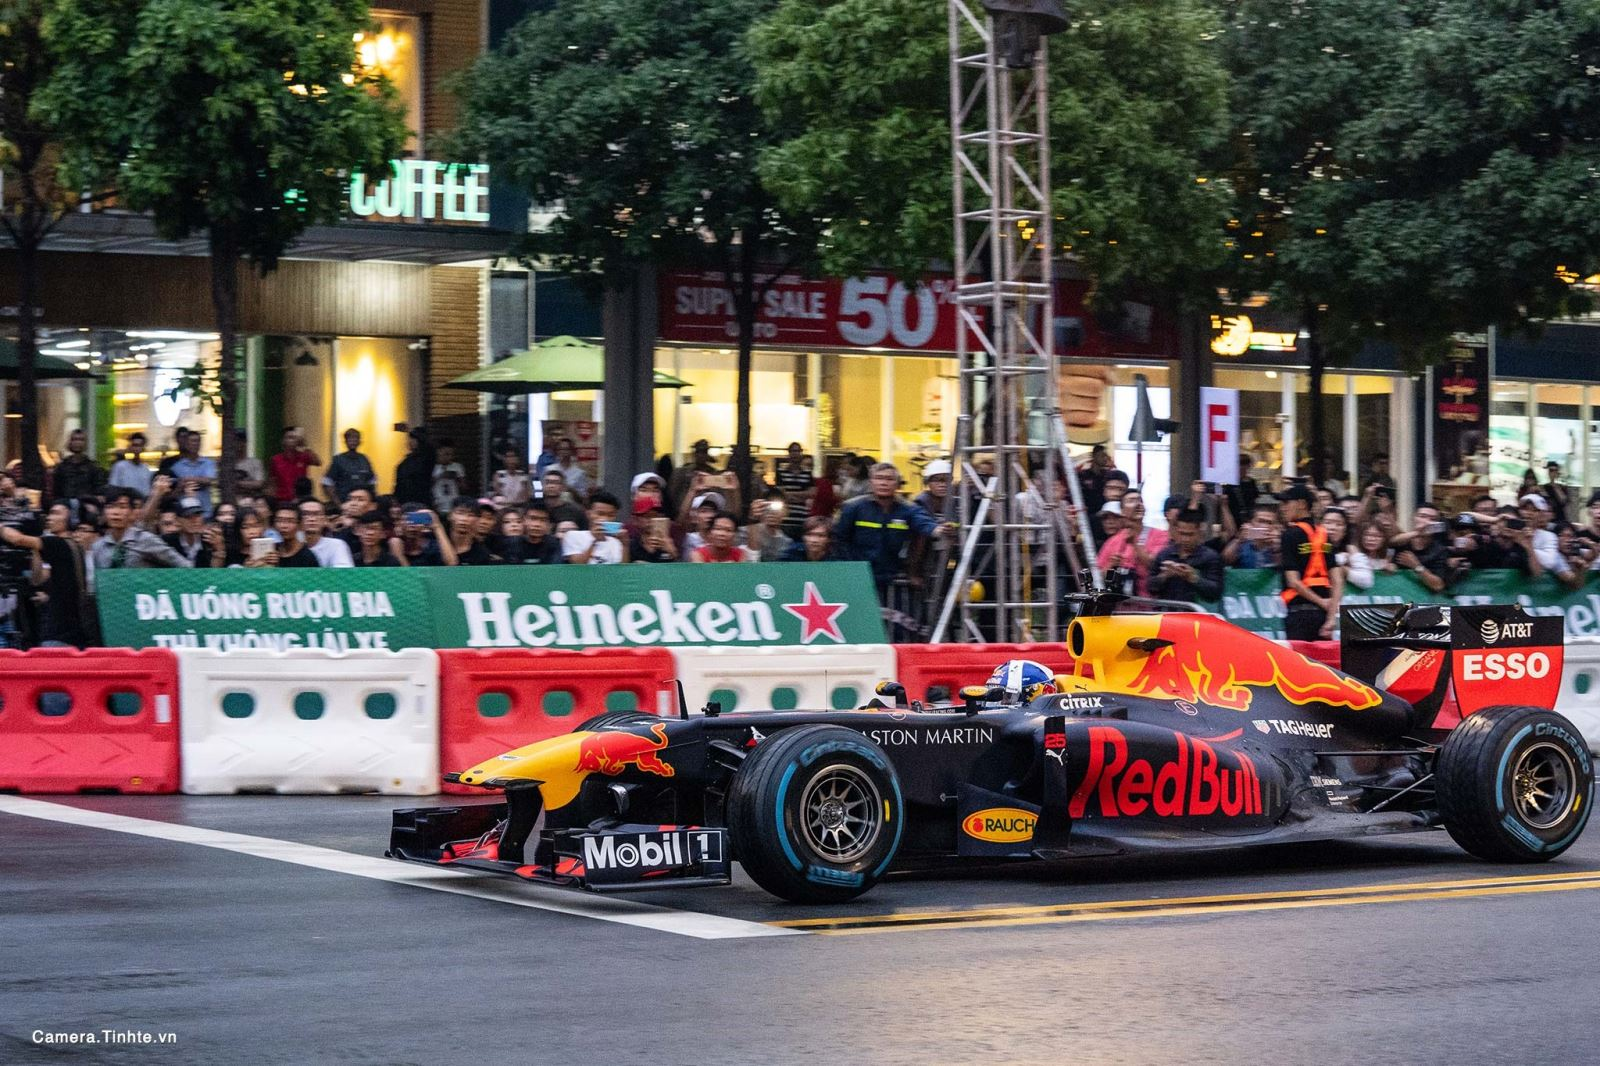 """""""Trải nghiệm hoàn hảo cùng F1"""" - cơn lốc nóng nhất mùa Hè này với Heineken"""